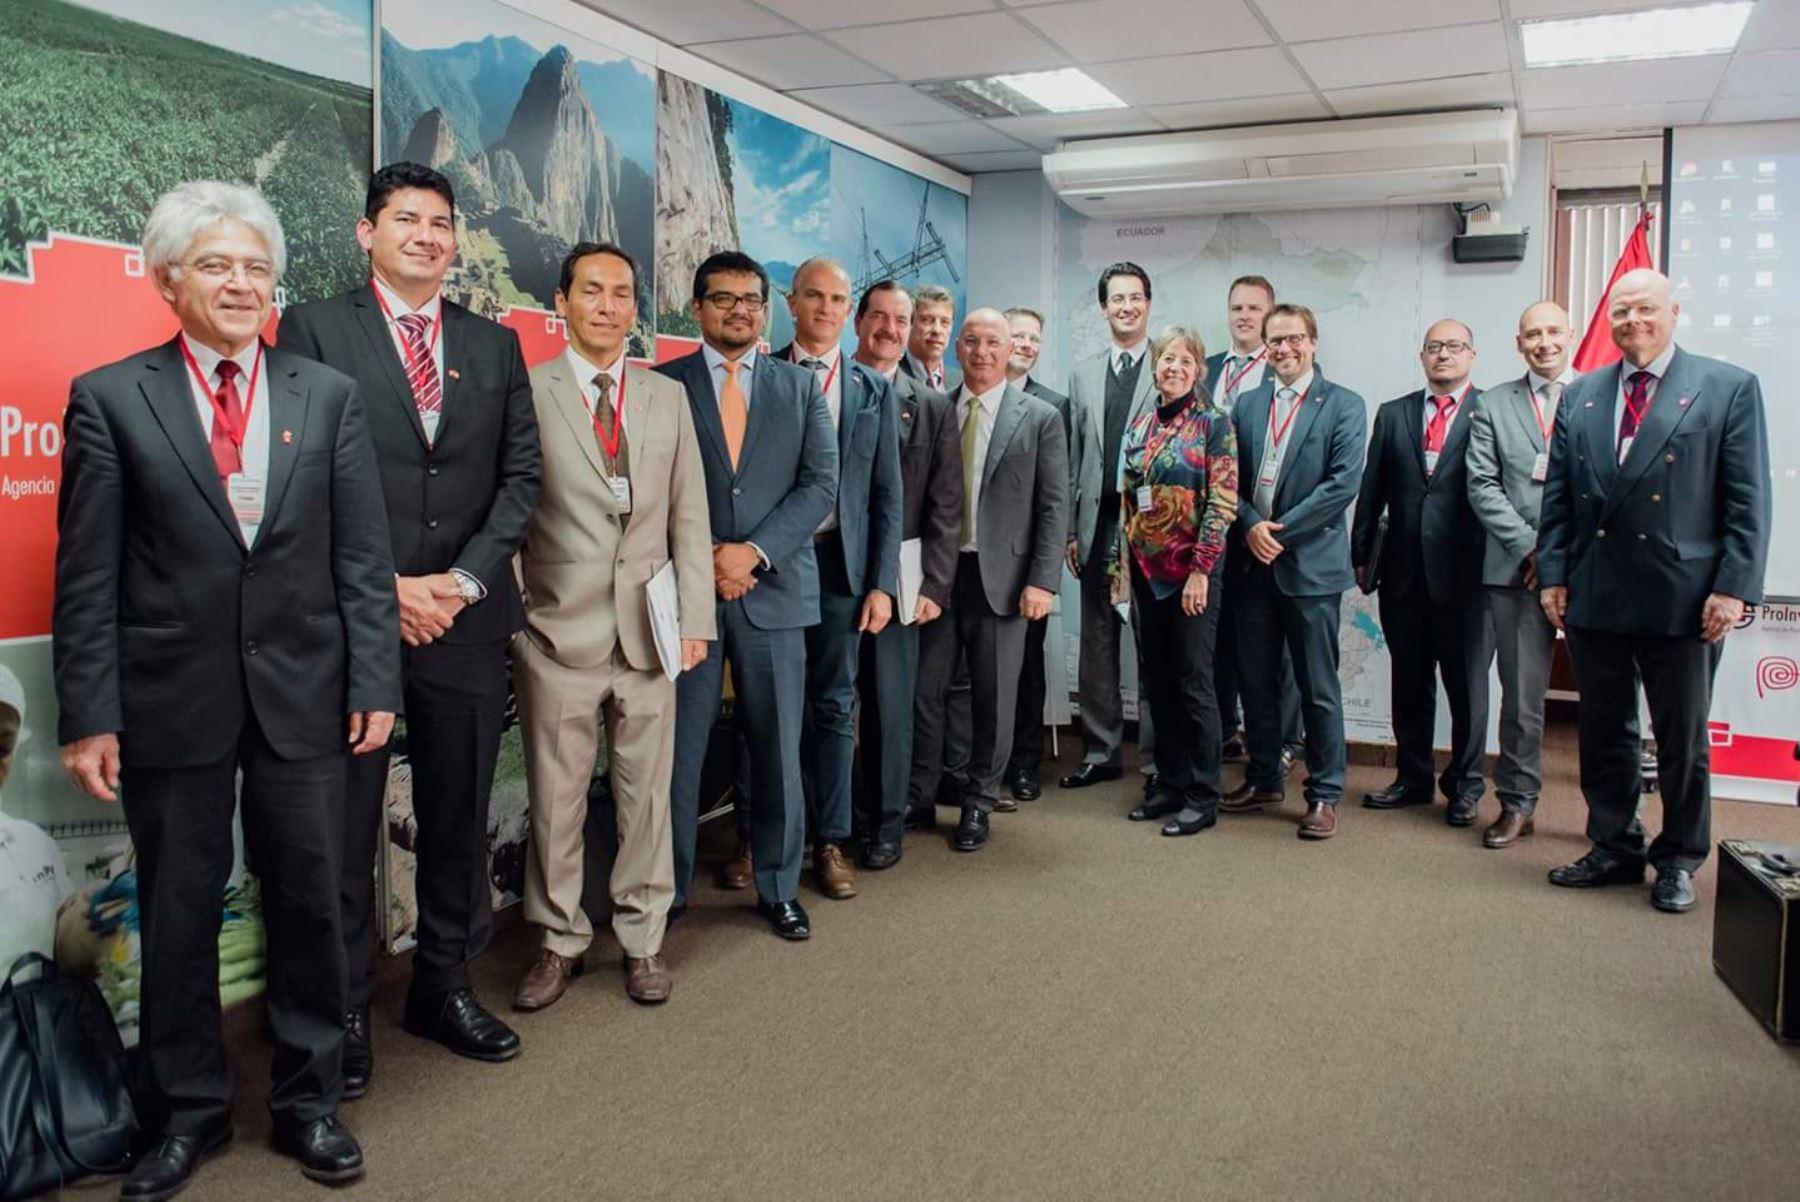 Resultado de imagen para Presentan Proyecto De Tren Bioceánico Con Tecnología Suiza Para Perú, Bolivia Y Brasil